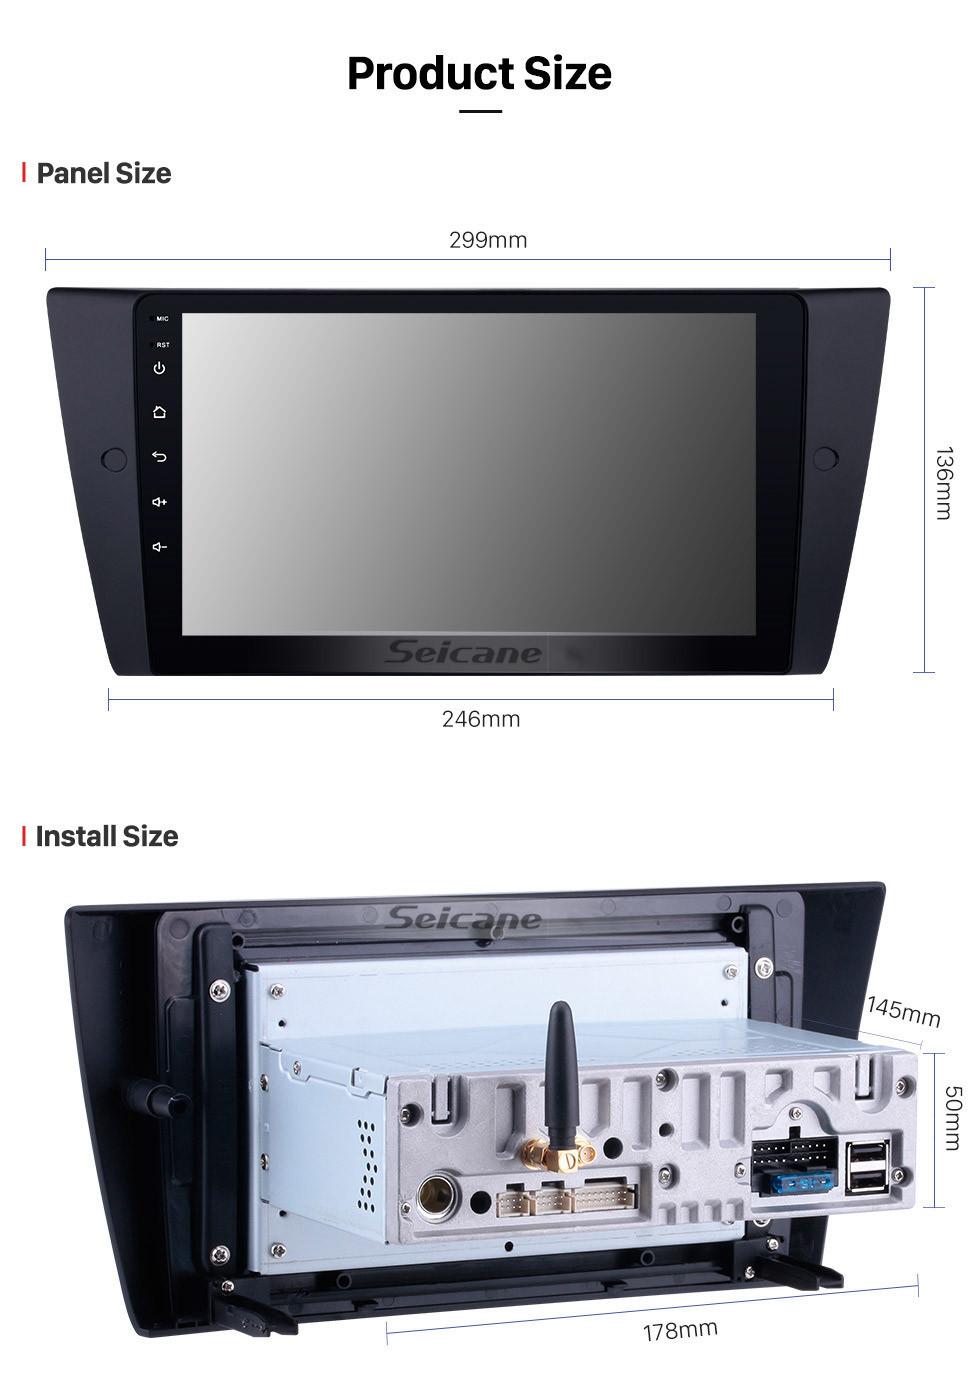 Seicane 2005 2006 2007 2008-2012 BMW 3 Series E90 E91 E92 E93 Manual Air Android 9.0 Bluetooth Radio Leitor de DVD Suporte de unidade principal GPS Navi HD Touchscreen Câmera de visão traseira WIFI USB Ligação de espelho 1080P Video